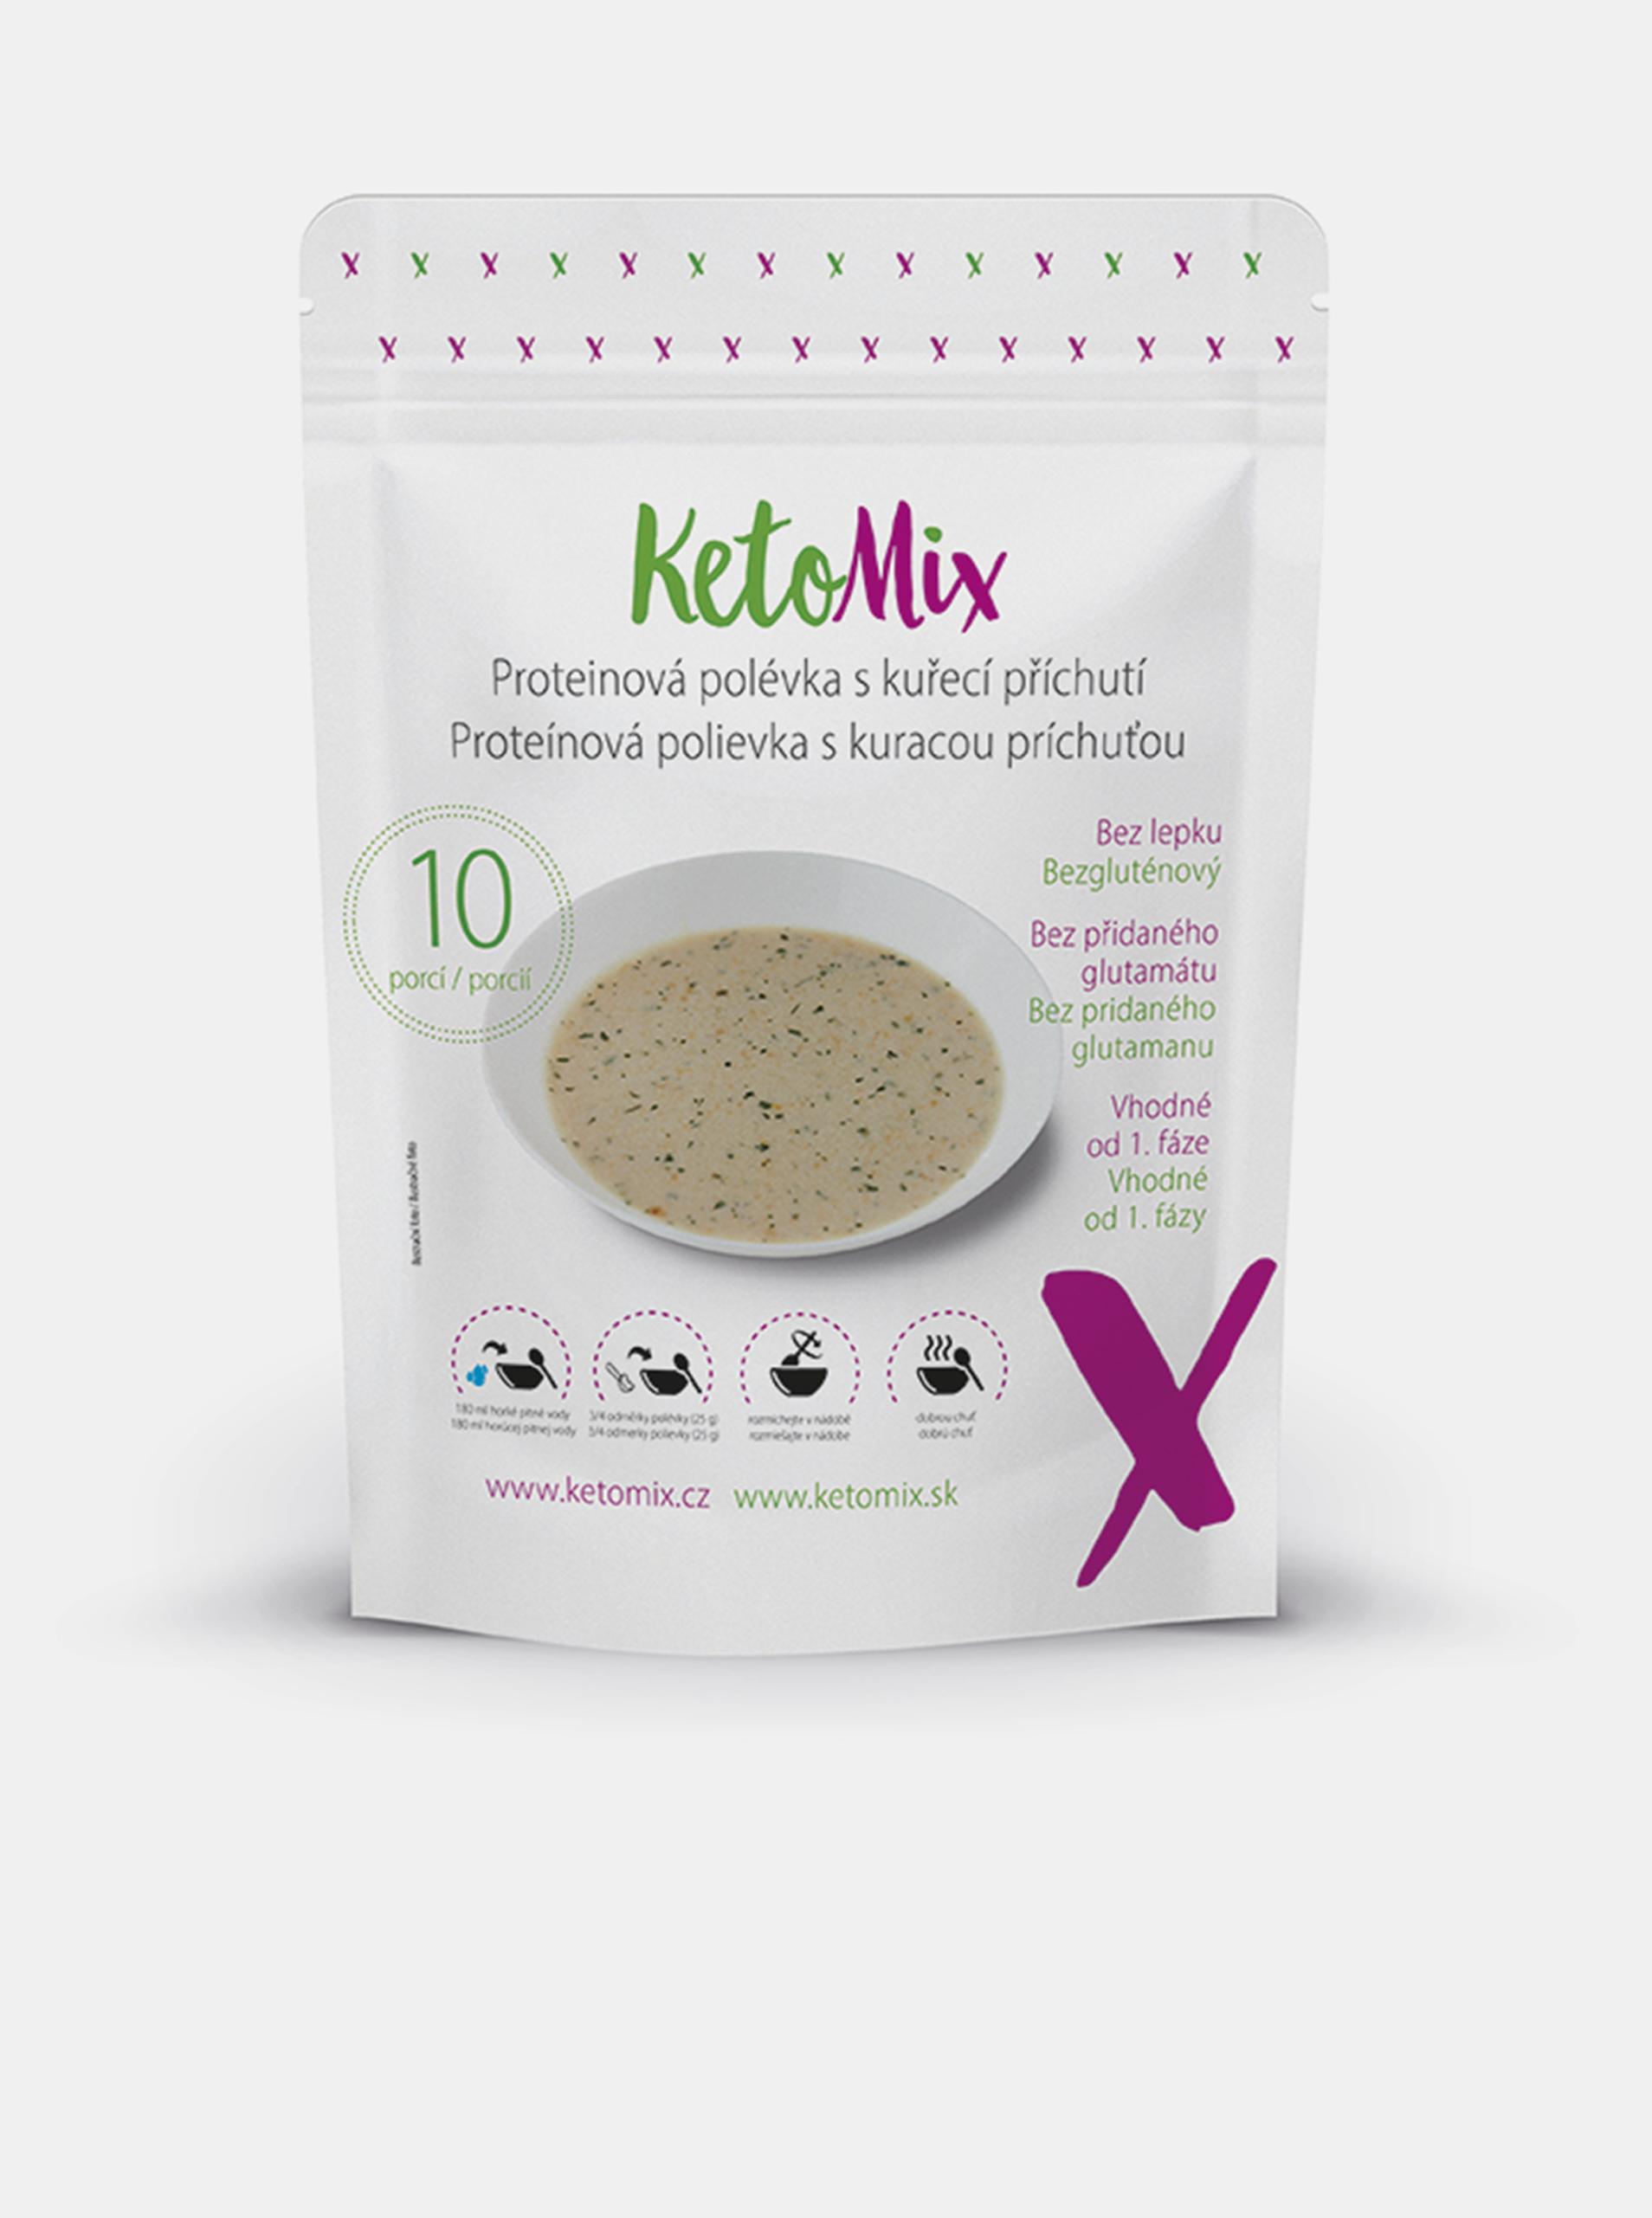 Proteinová polévka s kuřecí příchutí KetoMix (10 porcí)